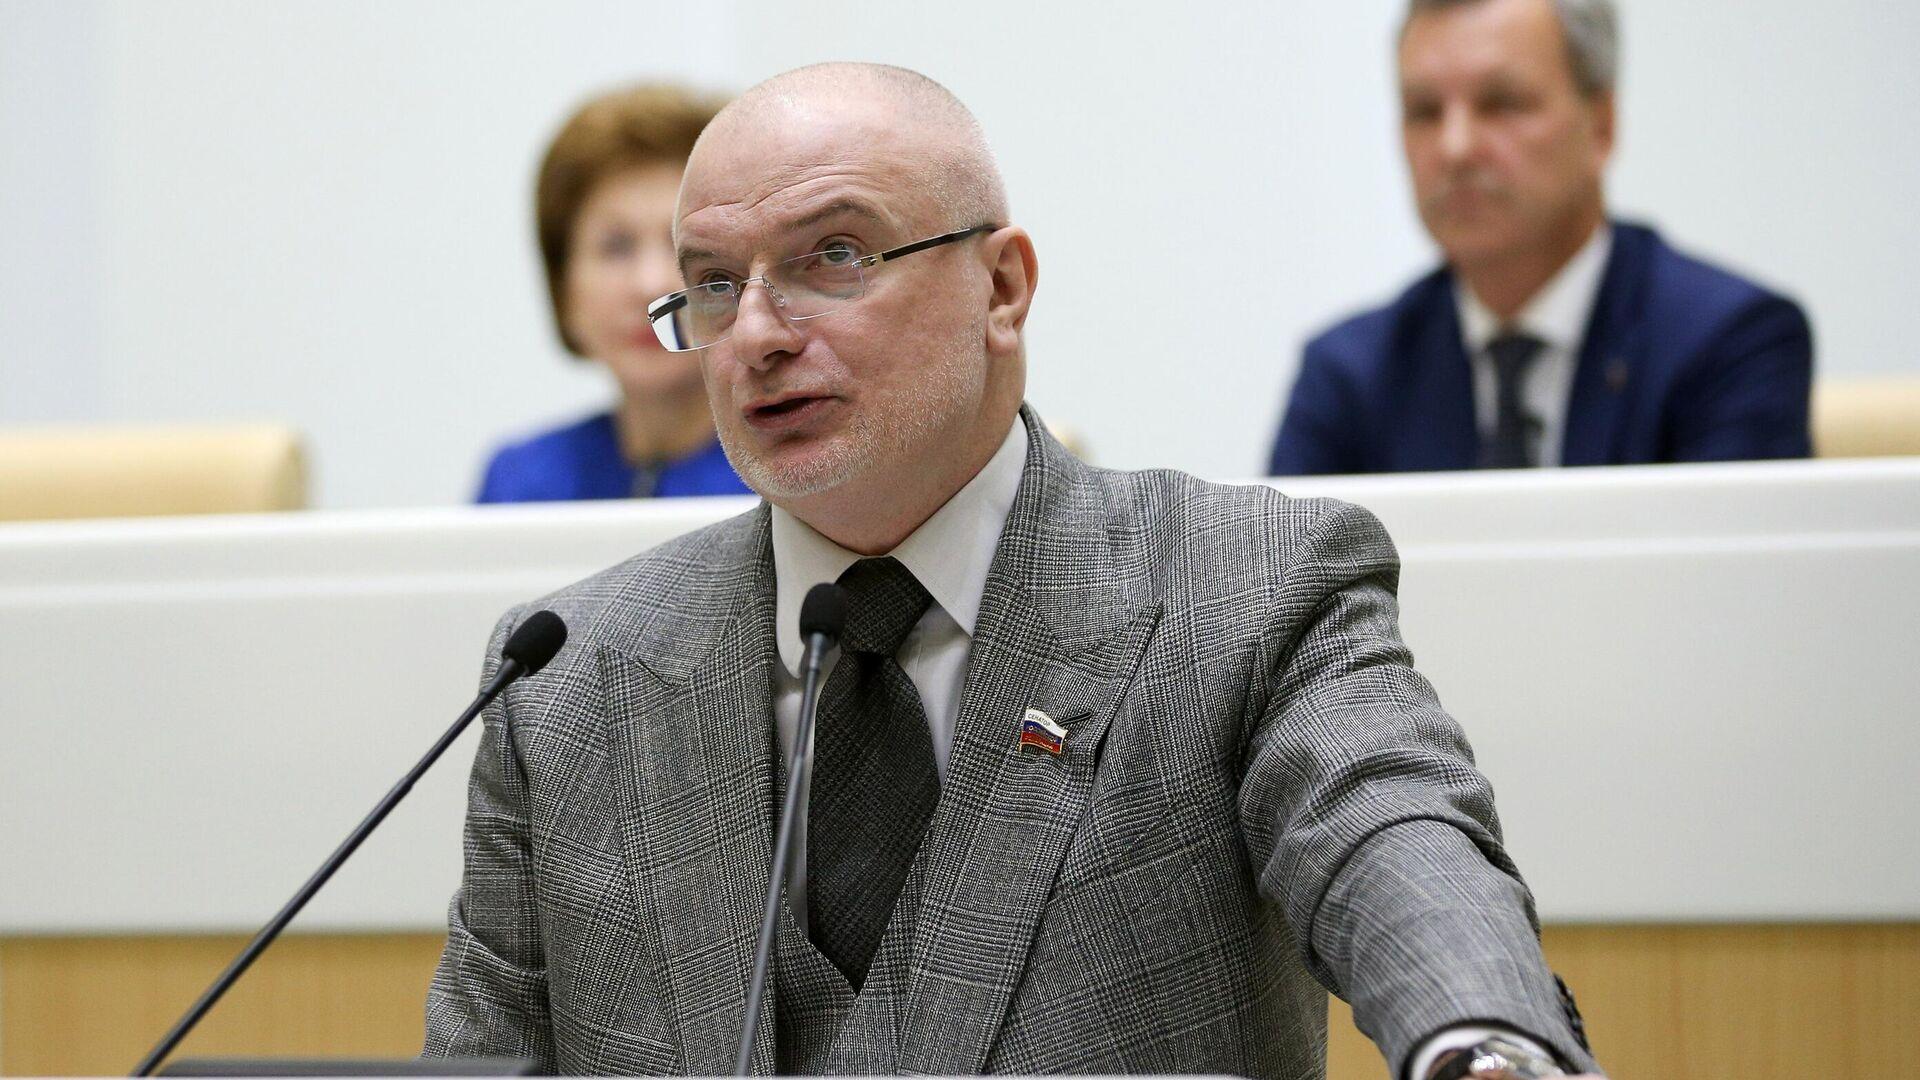 Председатель комитета Совета Федерации по конституционному законодательству и государственному строительству Андрей Клишас  - РИА Новости, 1920, 11.05.2021